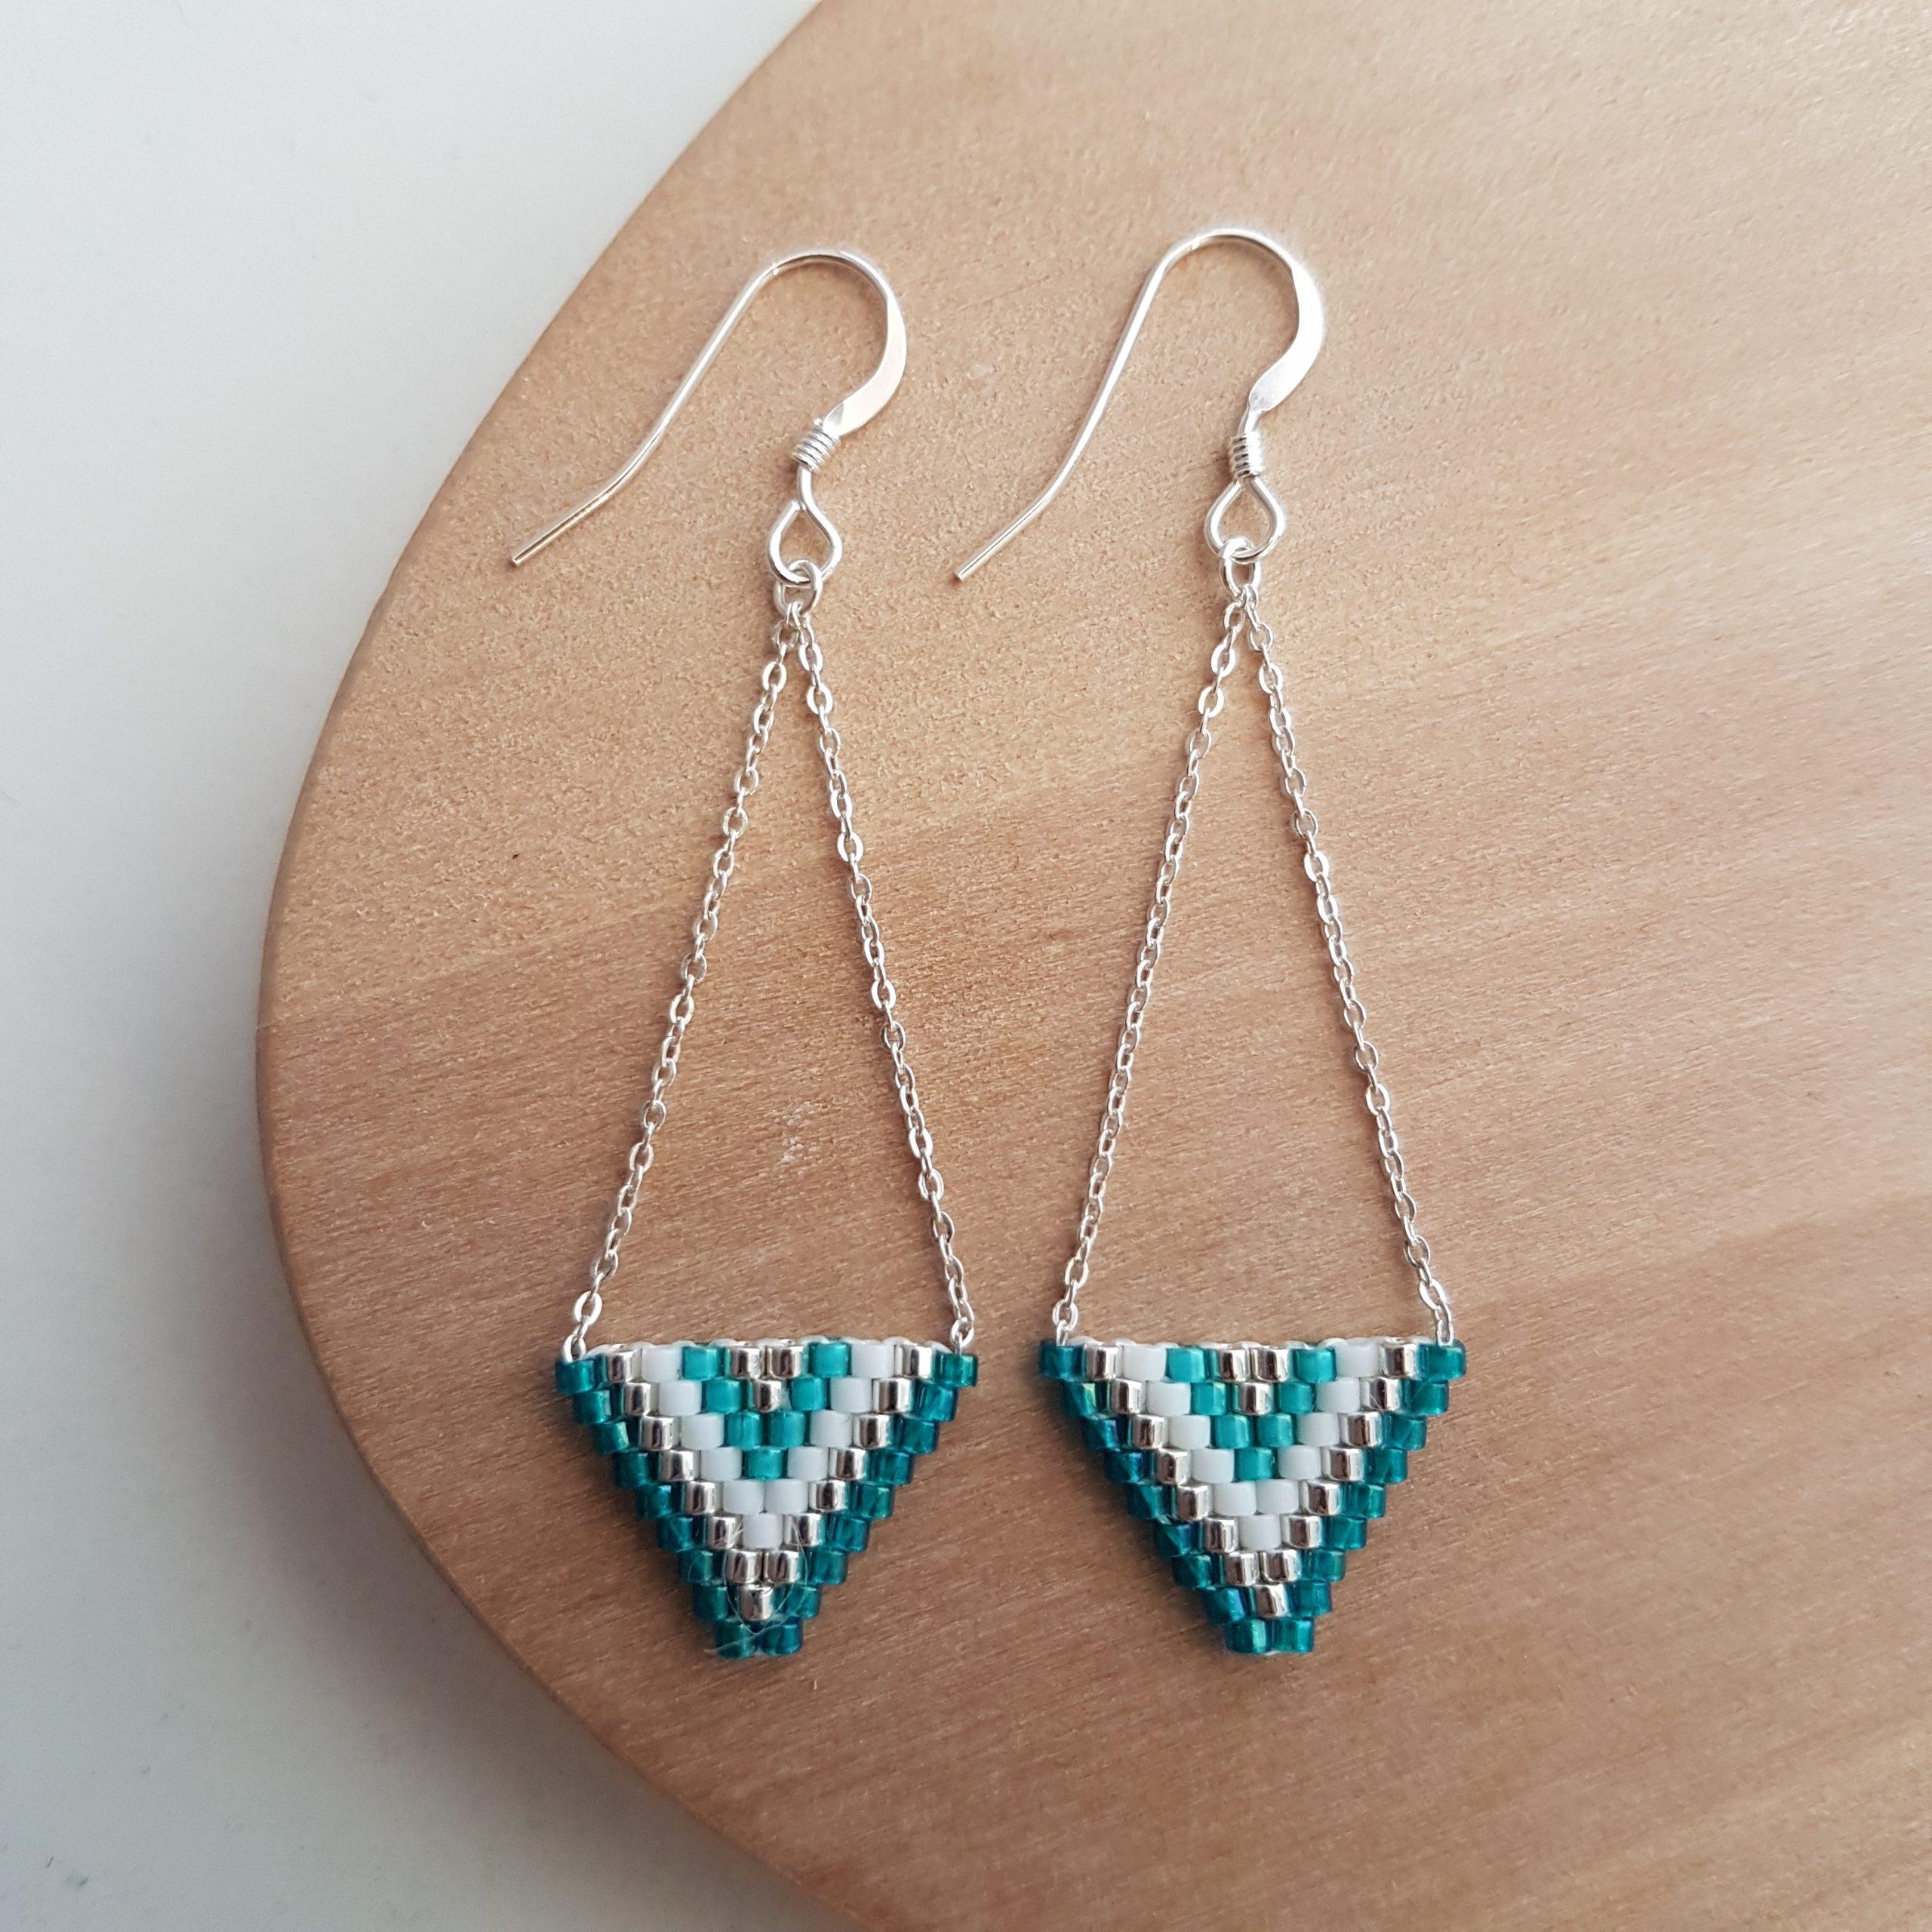 Boucles d'oreilles ALEXANDRA [turquoise]